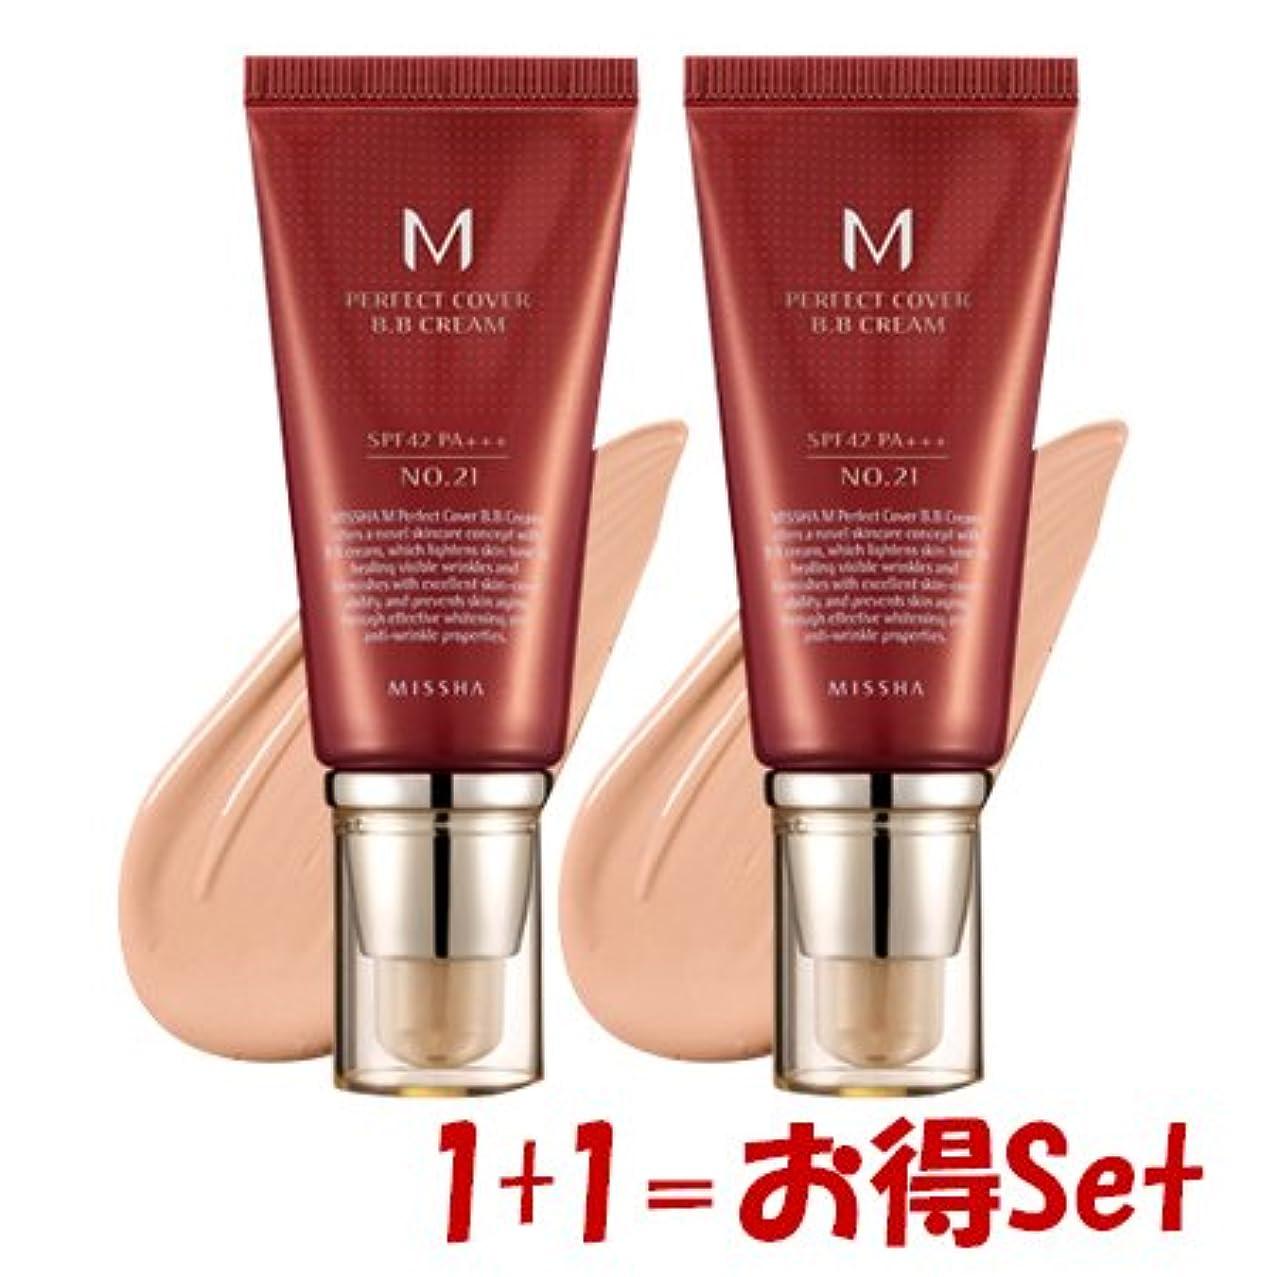 リース振り返る劇的MISSHA(ミシャ) M Perfect Cover パーフェクトカバーBBクリーム 21号+ 21号(1+1=Set) [並行輸入品]